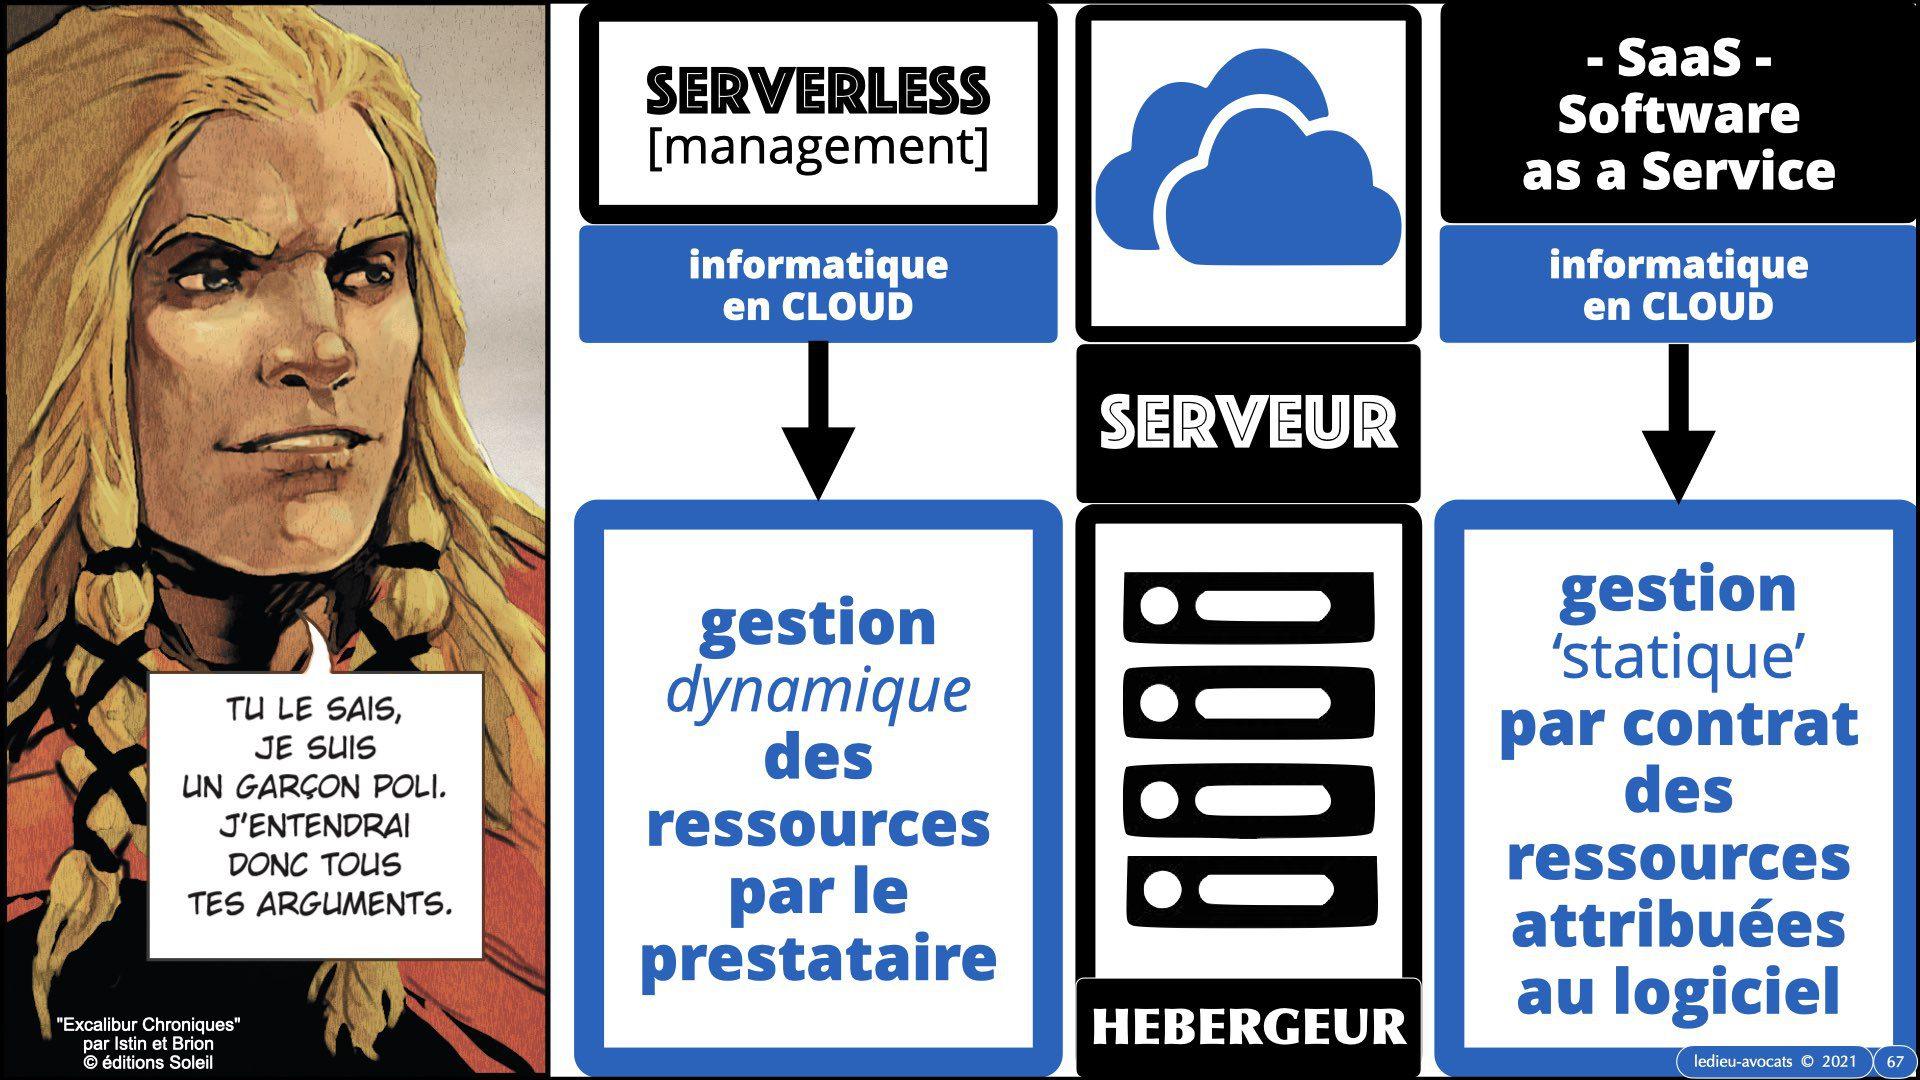 343 service LOGICIEL SaaS Software-as-a-Service cloud computing © Ledieu-Avocats technique droit numerique 30-08-2021.067